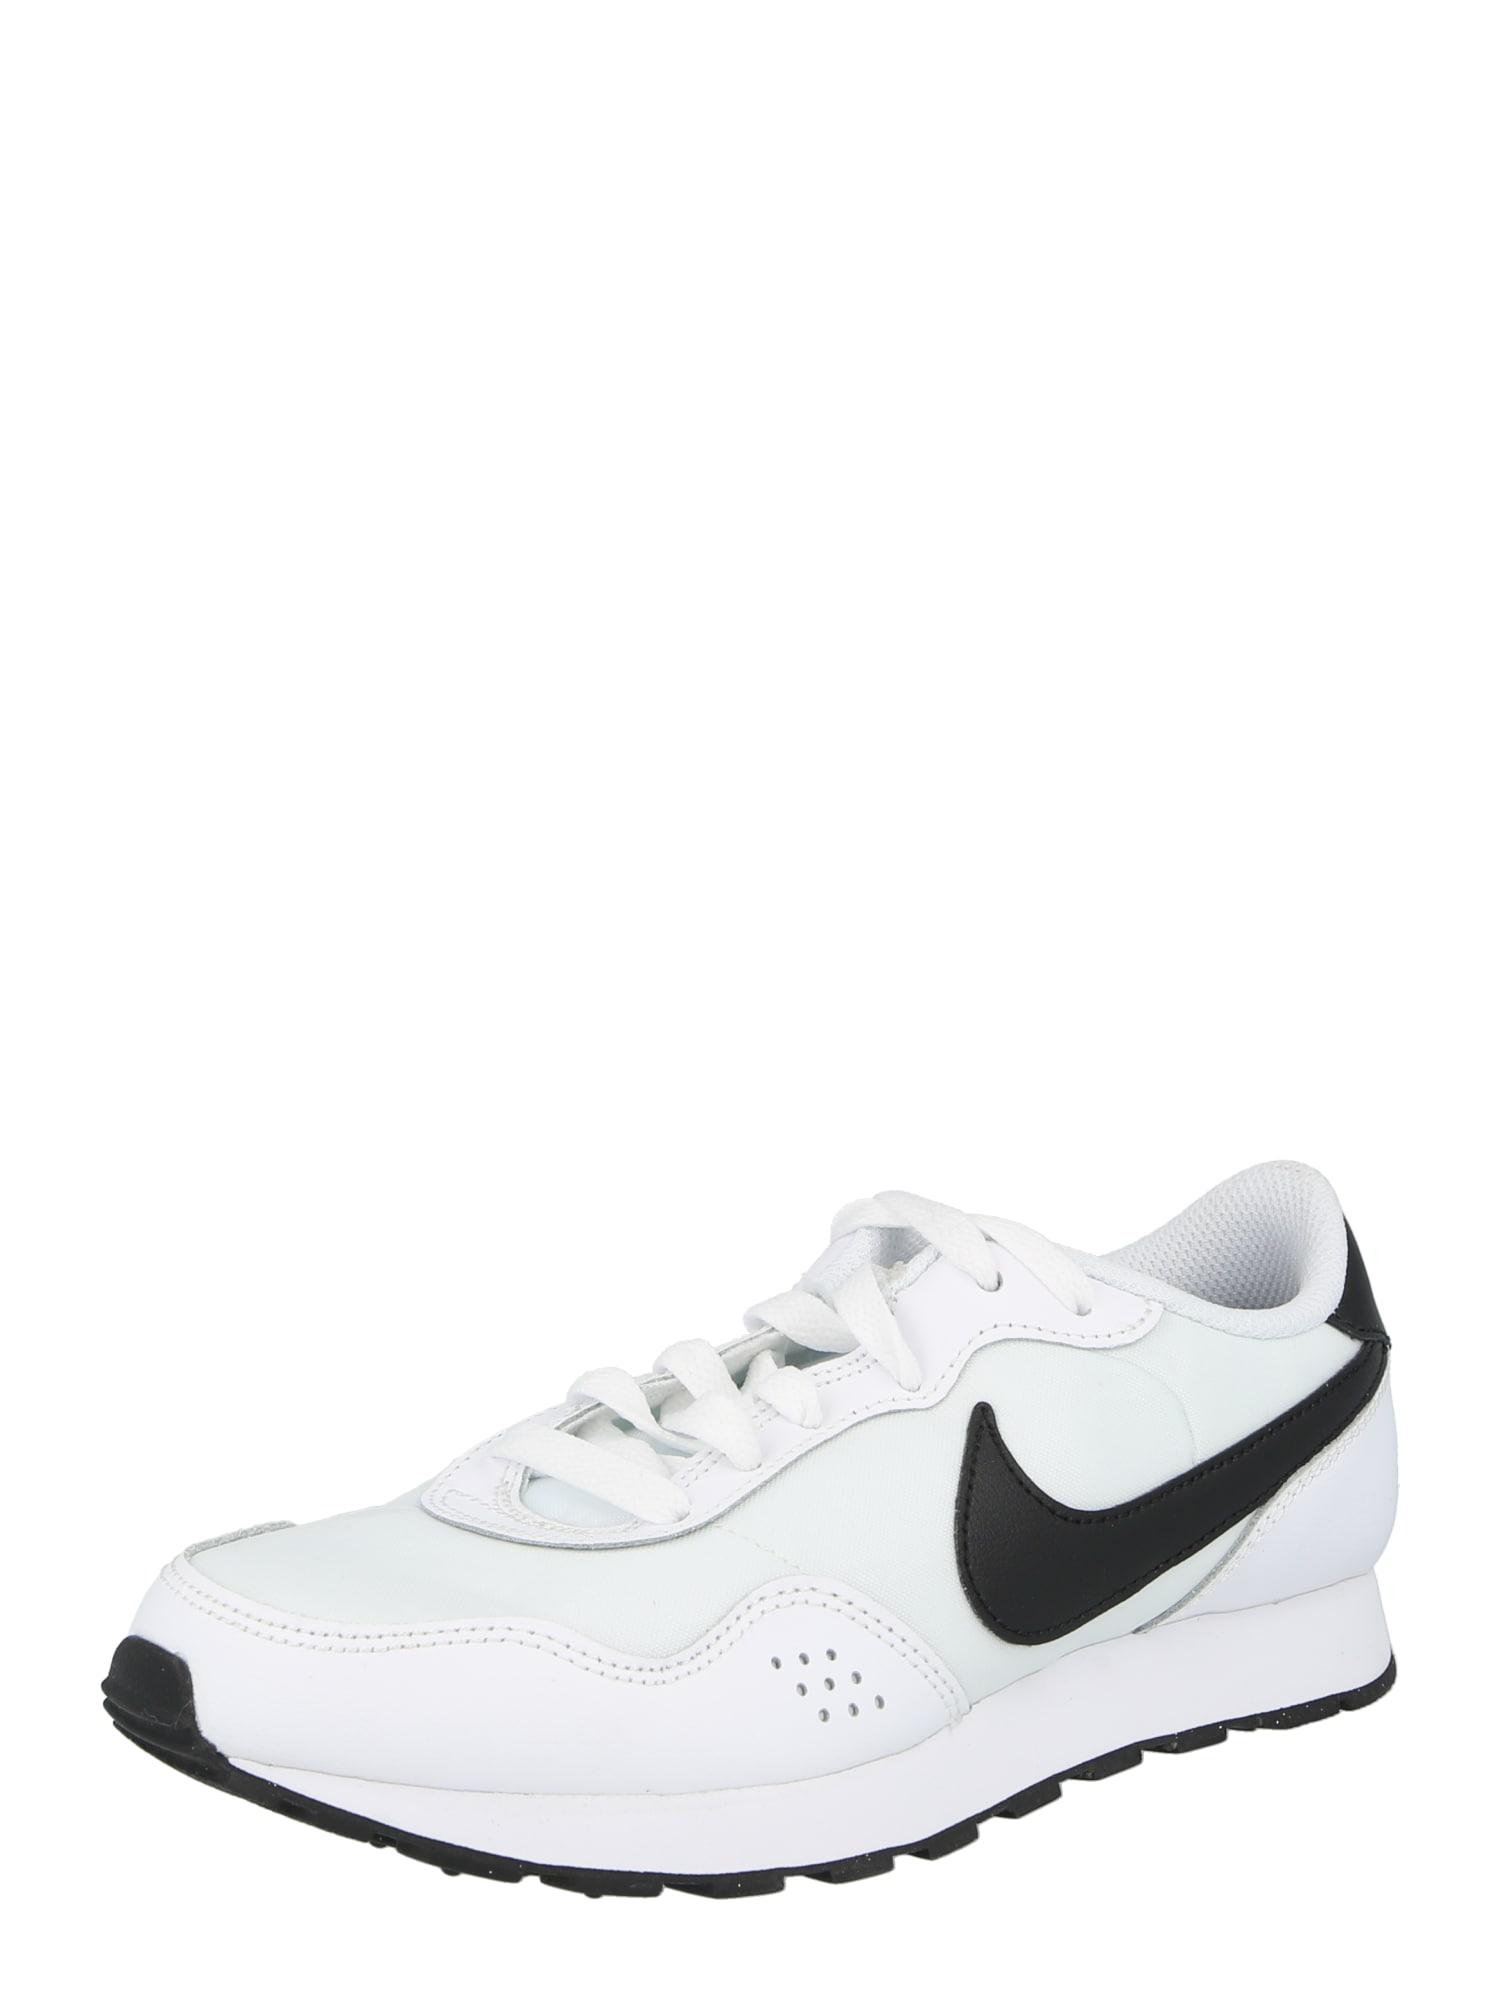 Nike Sportswear Sneaker 'VALIANT' Bianco